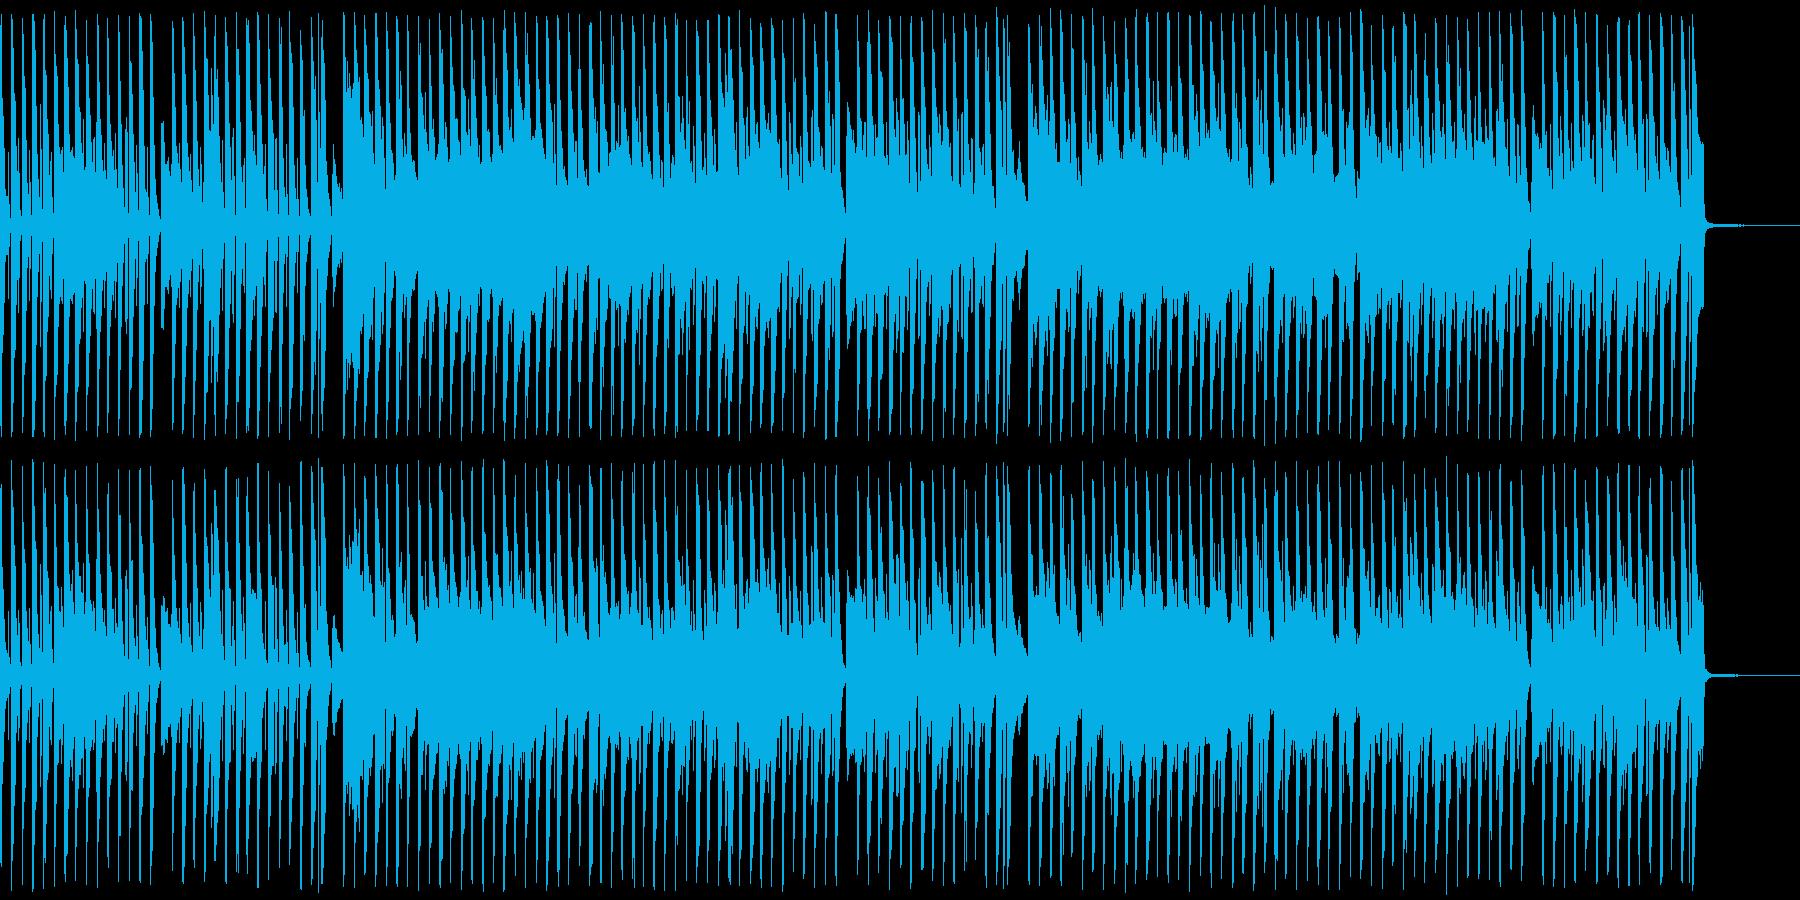 【メロディ抜き】ほのぼのゆったりしたコ…の再生済みの波形